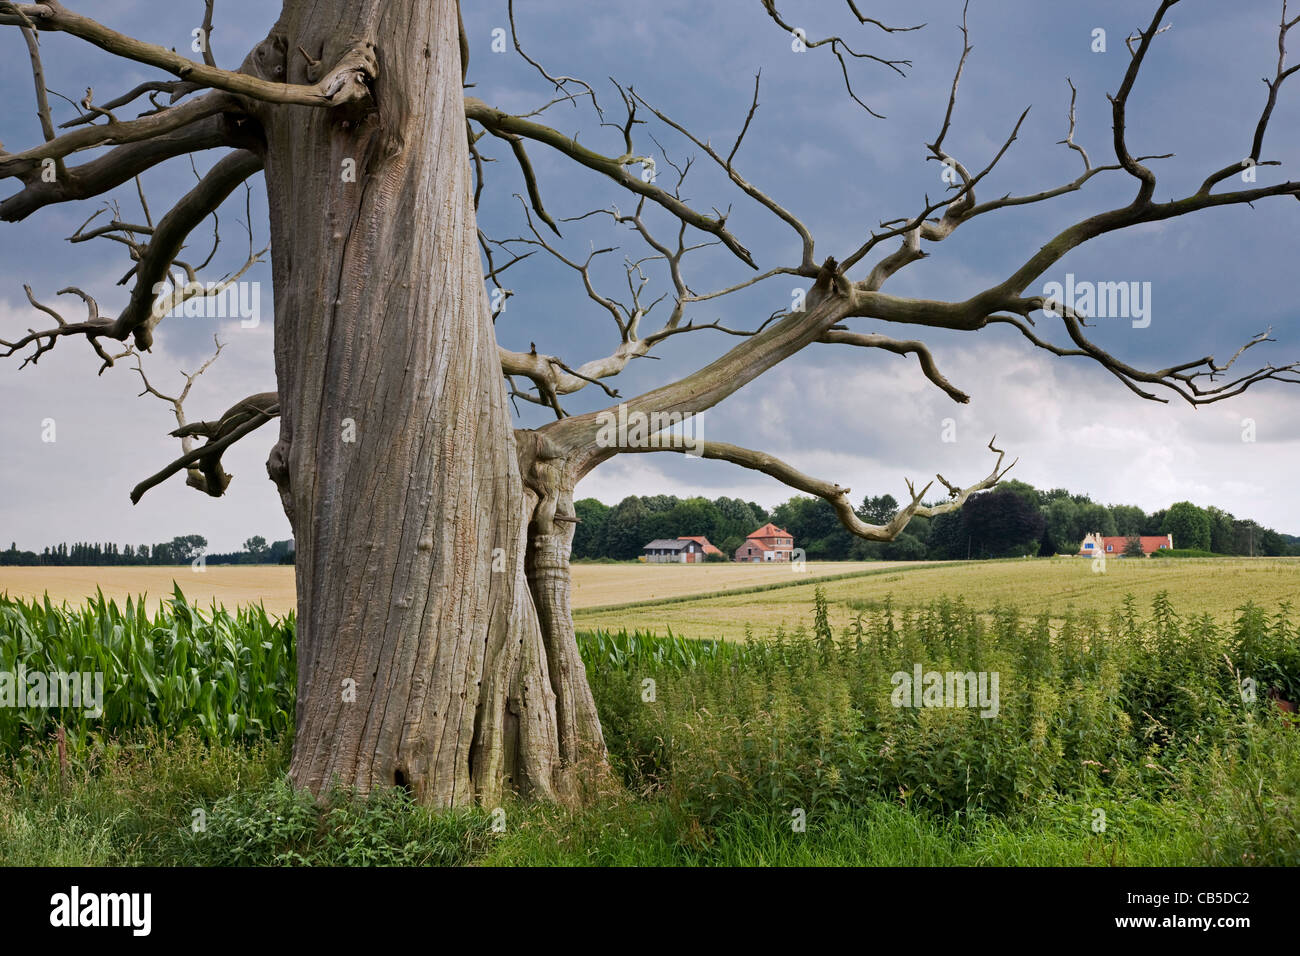 Creepy del tronco e dei rami di morti sweet chestnut / marron tree (Castanea sativa) nel campo Immagini Stock